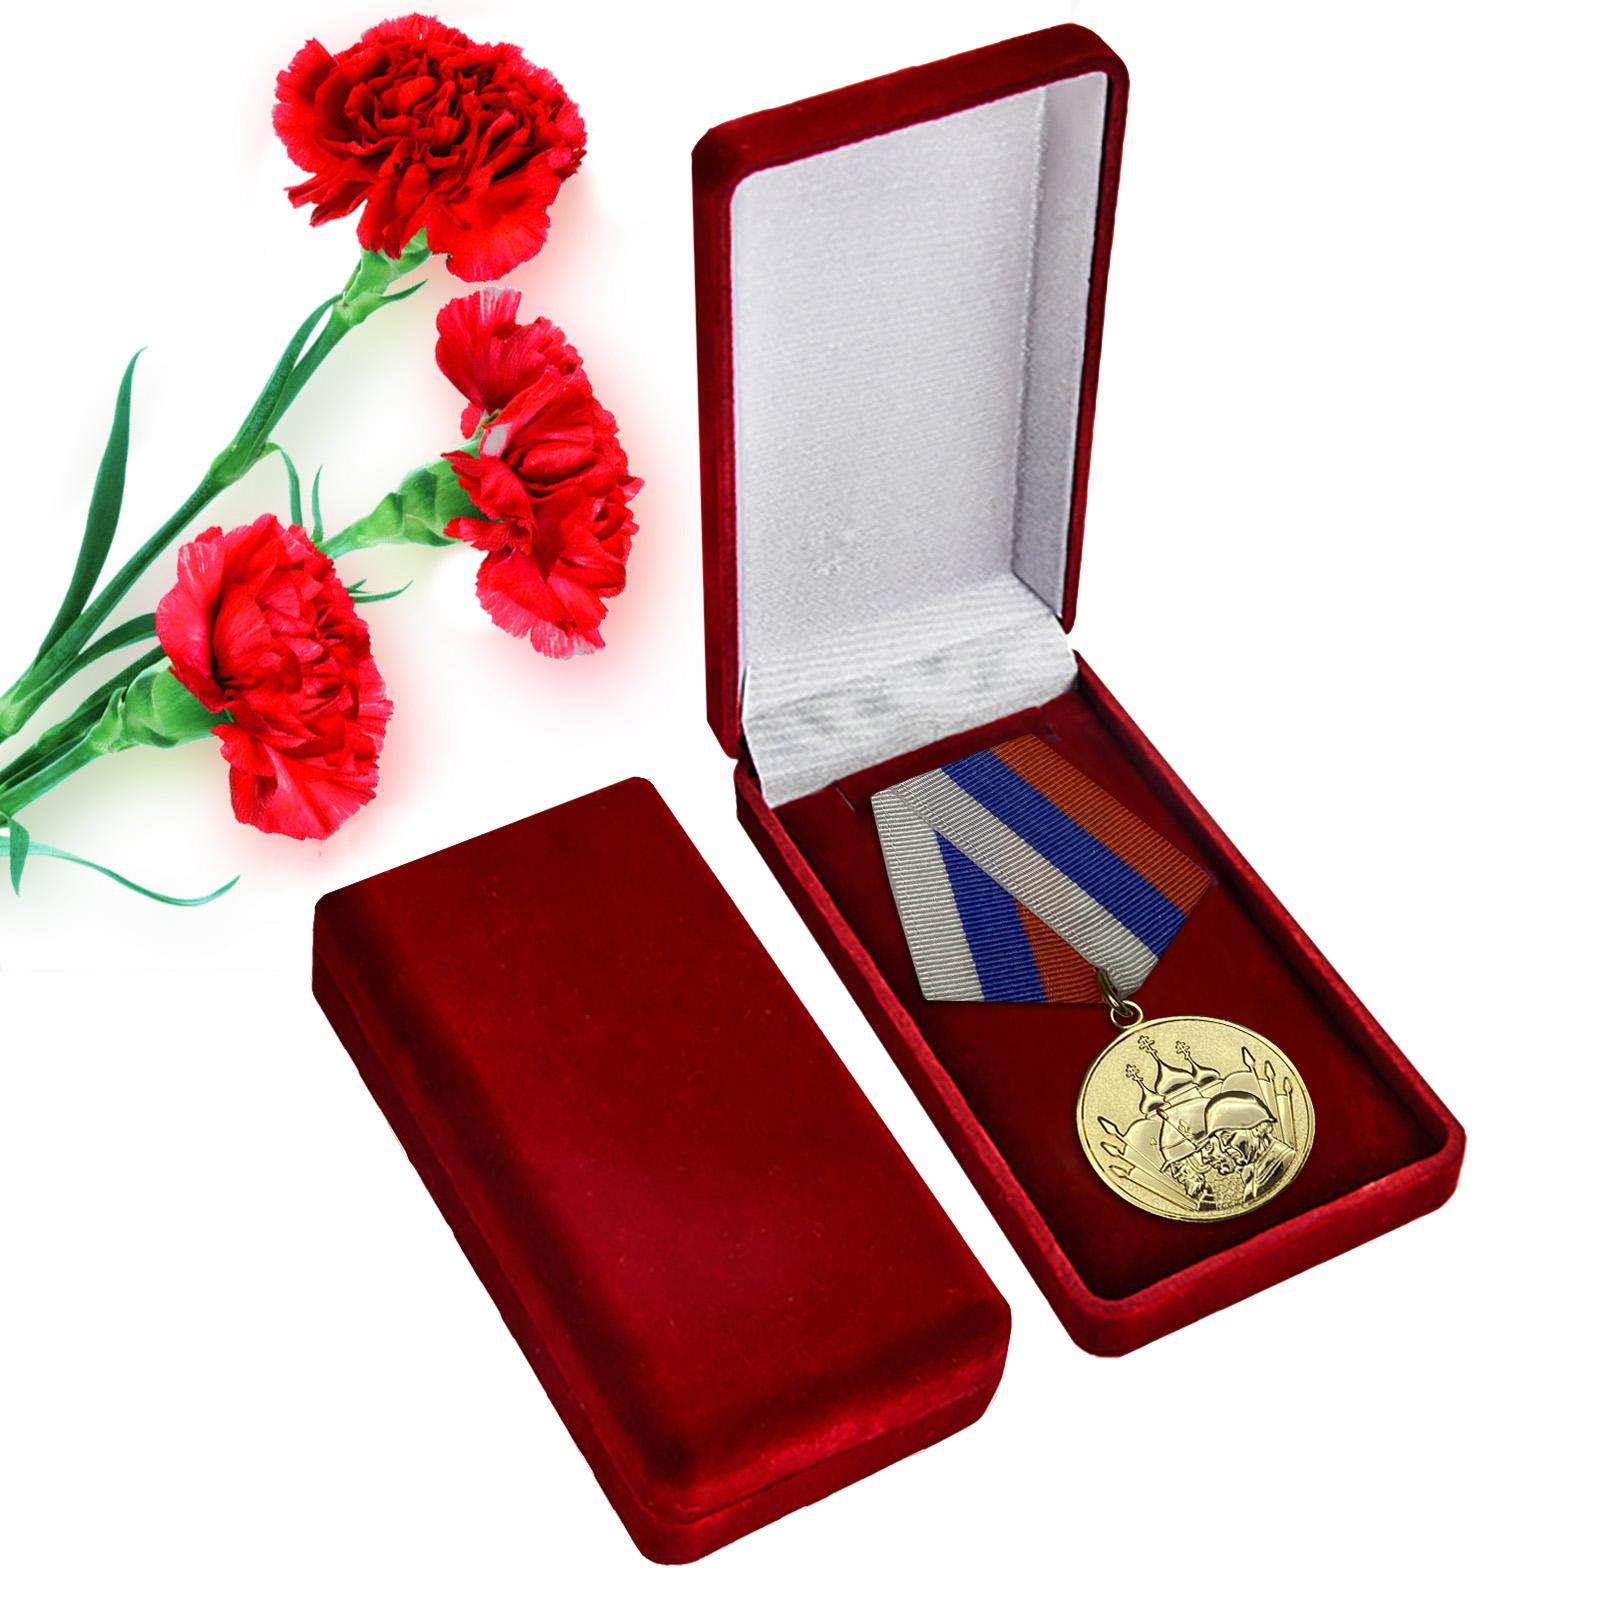 Купить латунную медаль 23 февраля оптом или в розницу